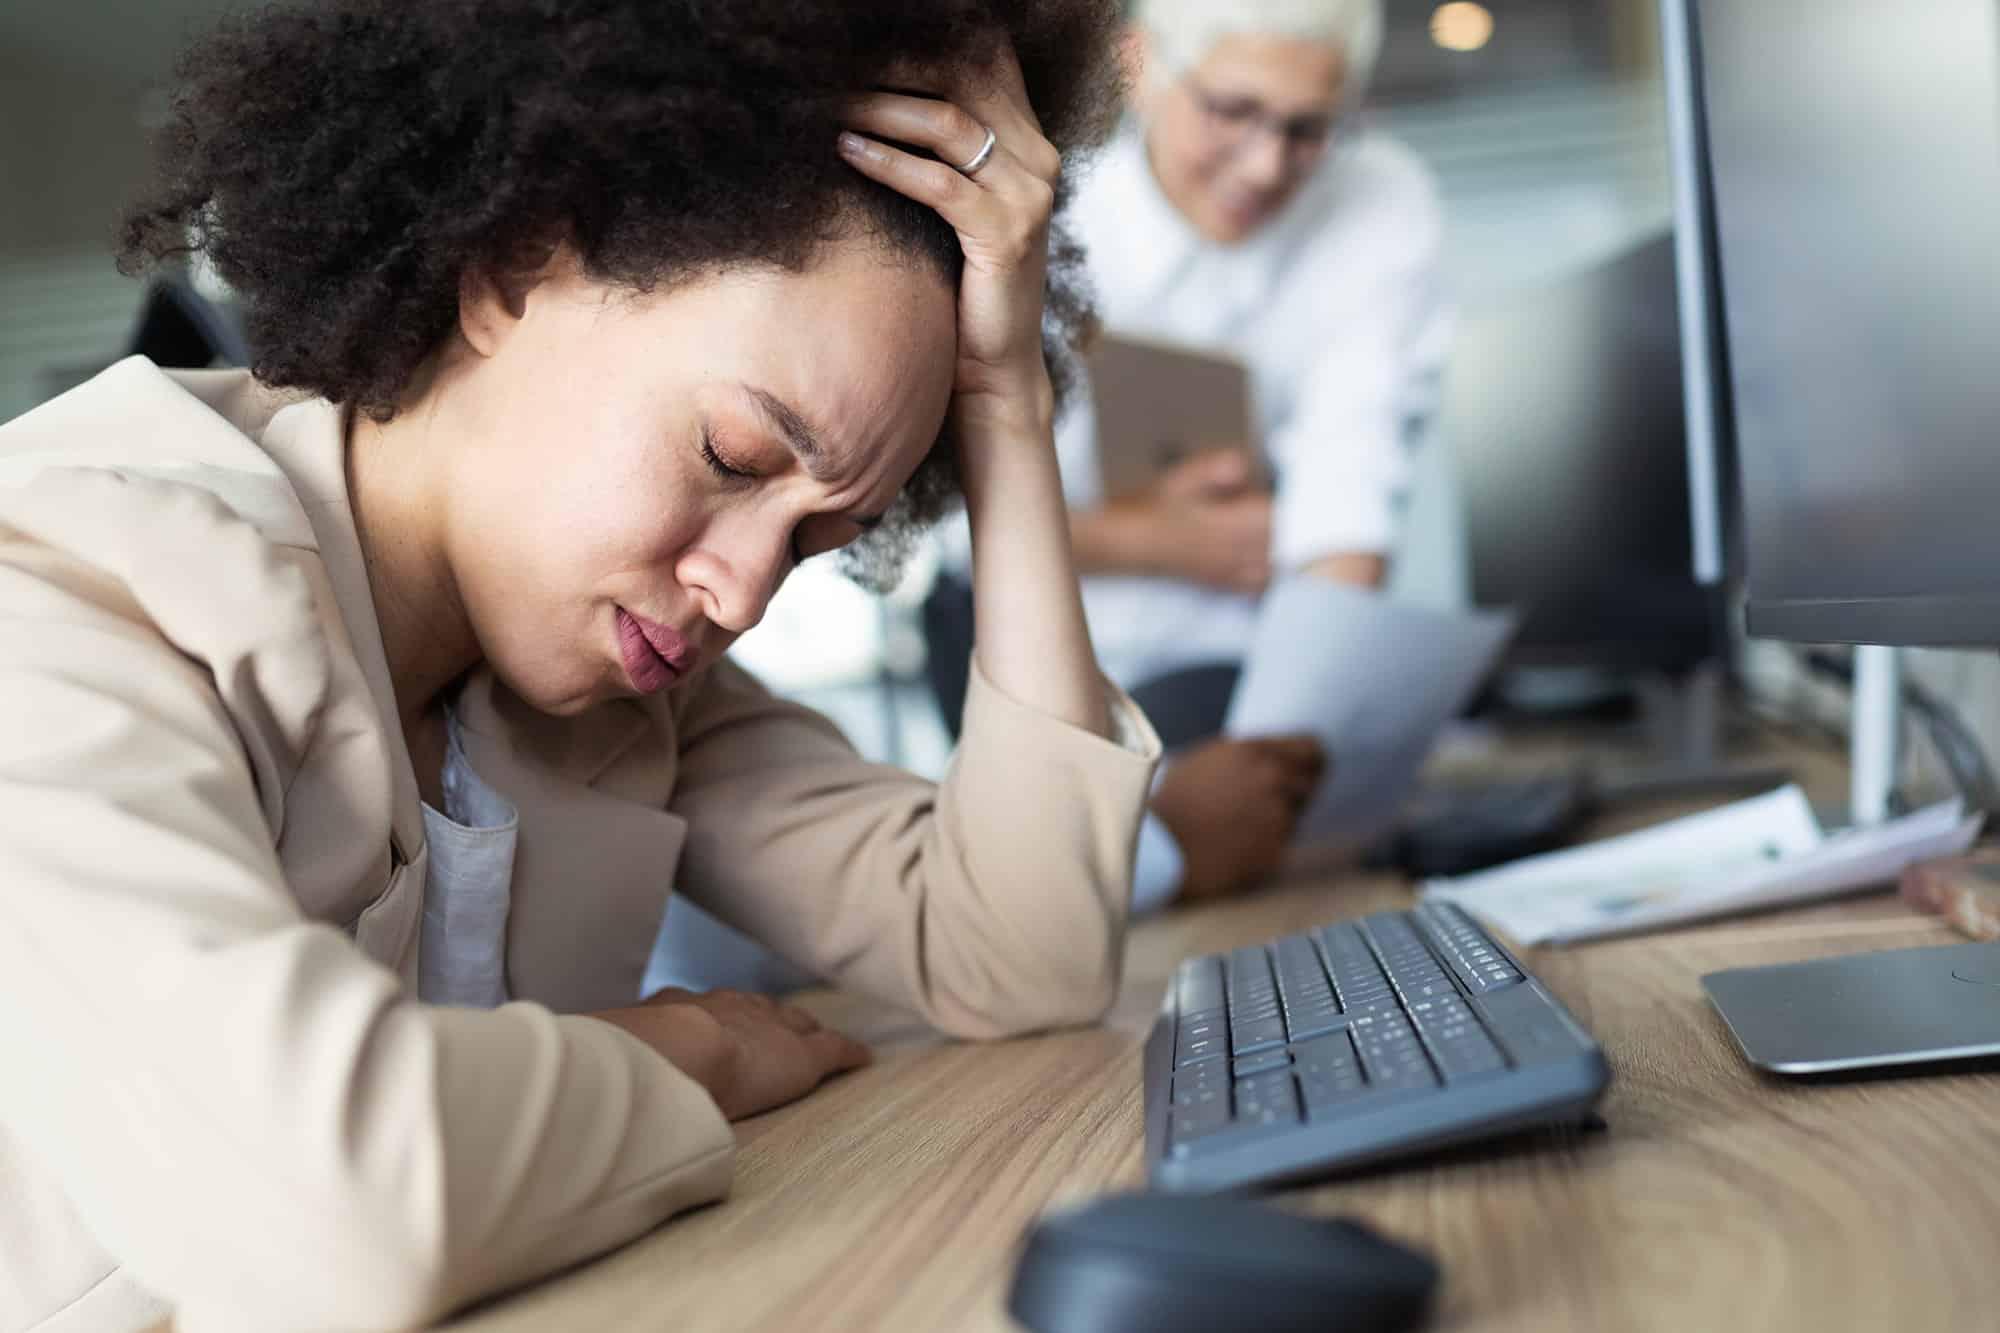 santé au travail risques psychosociaux